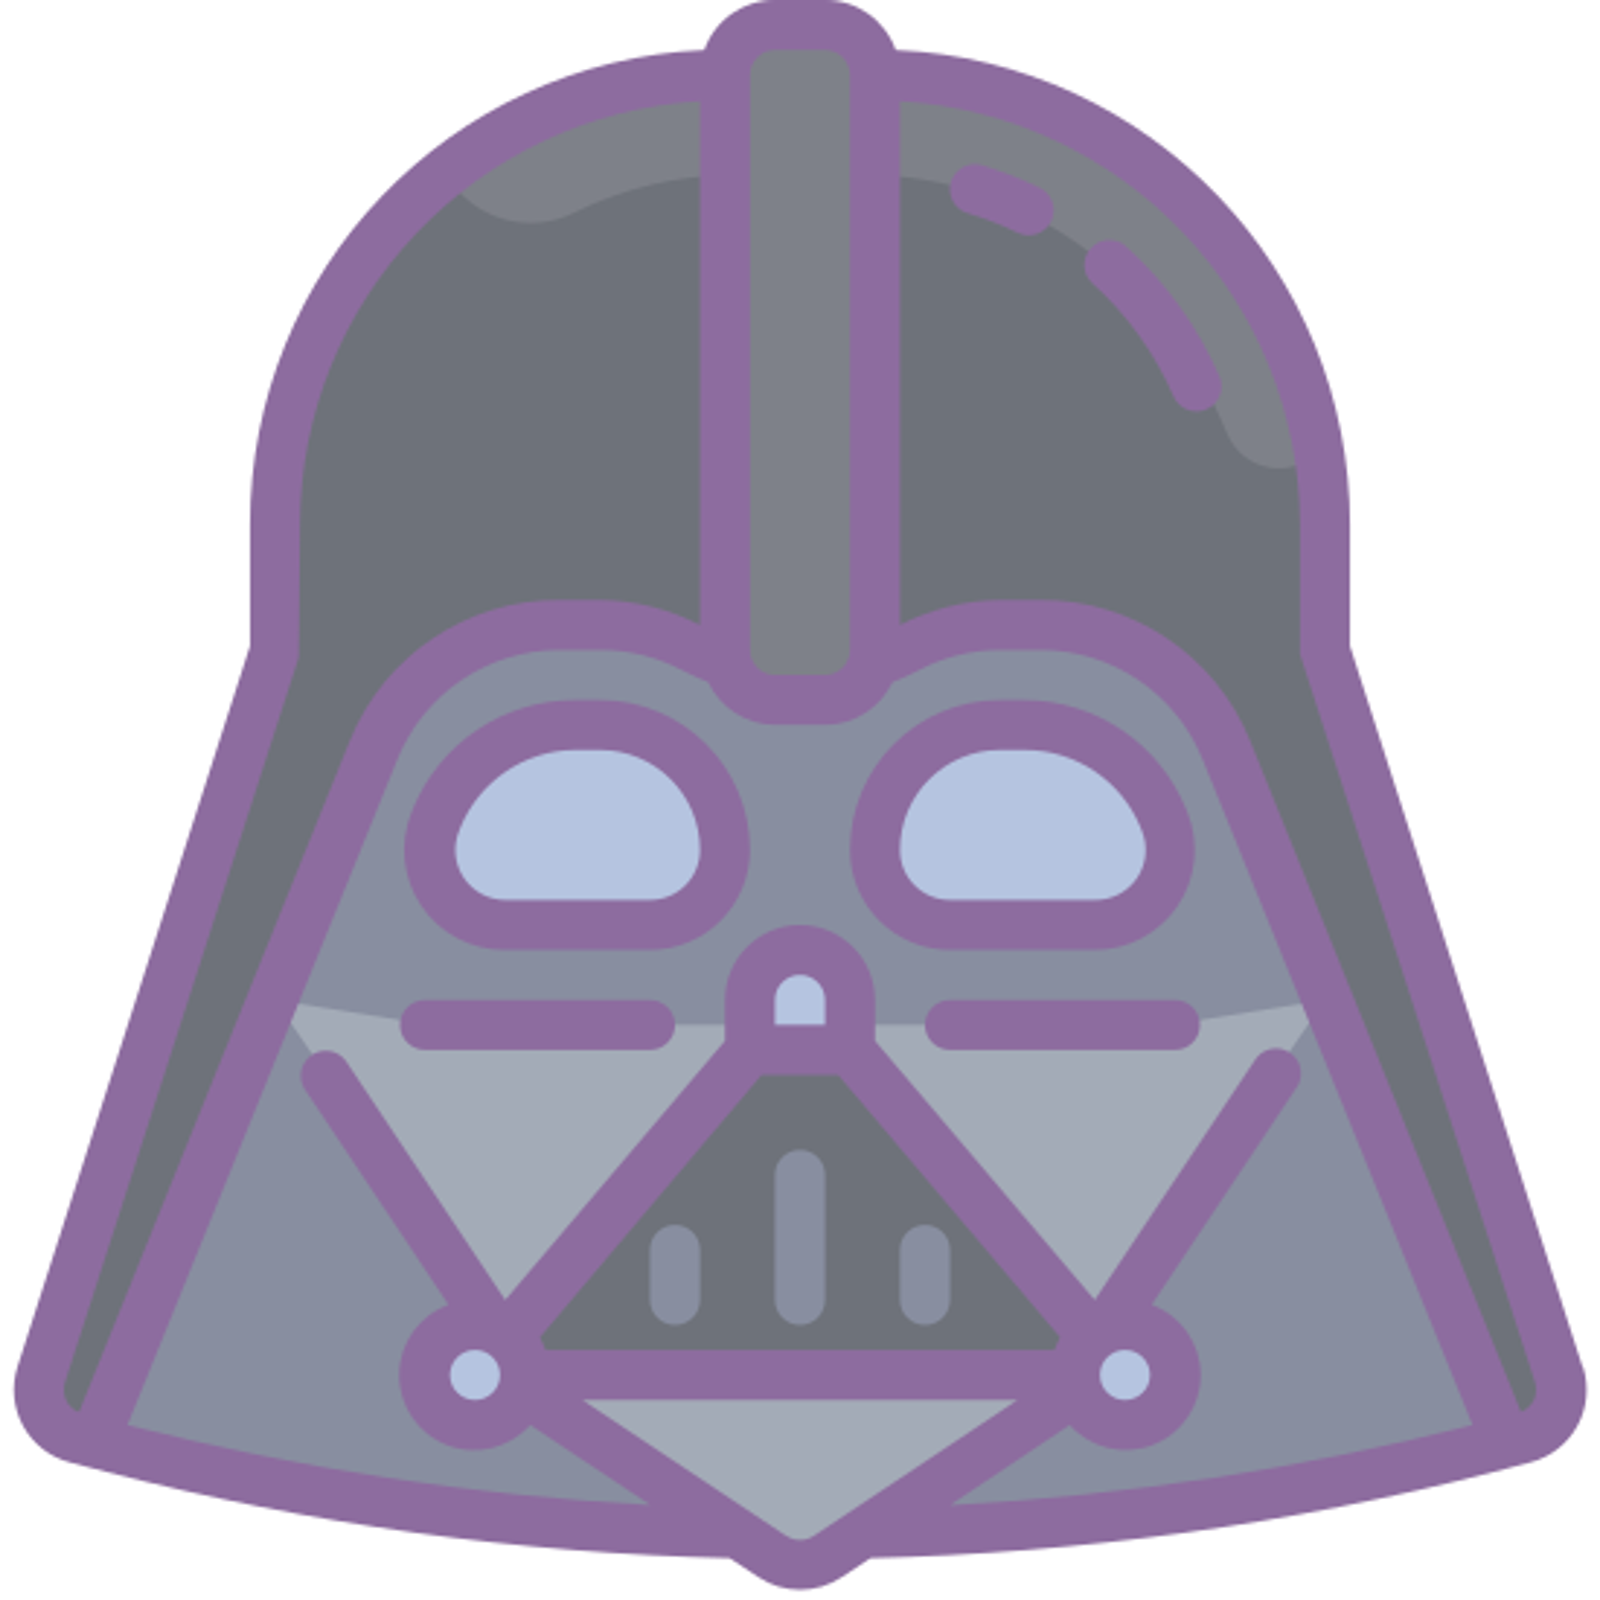 Darth Vader icon